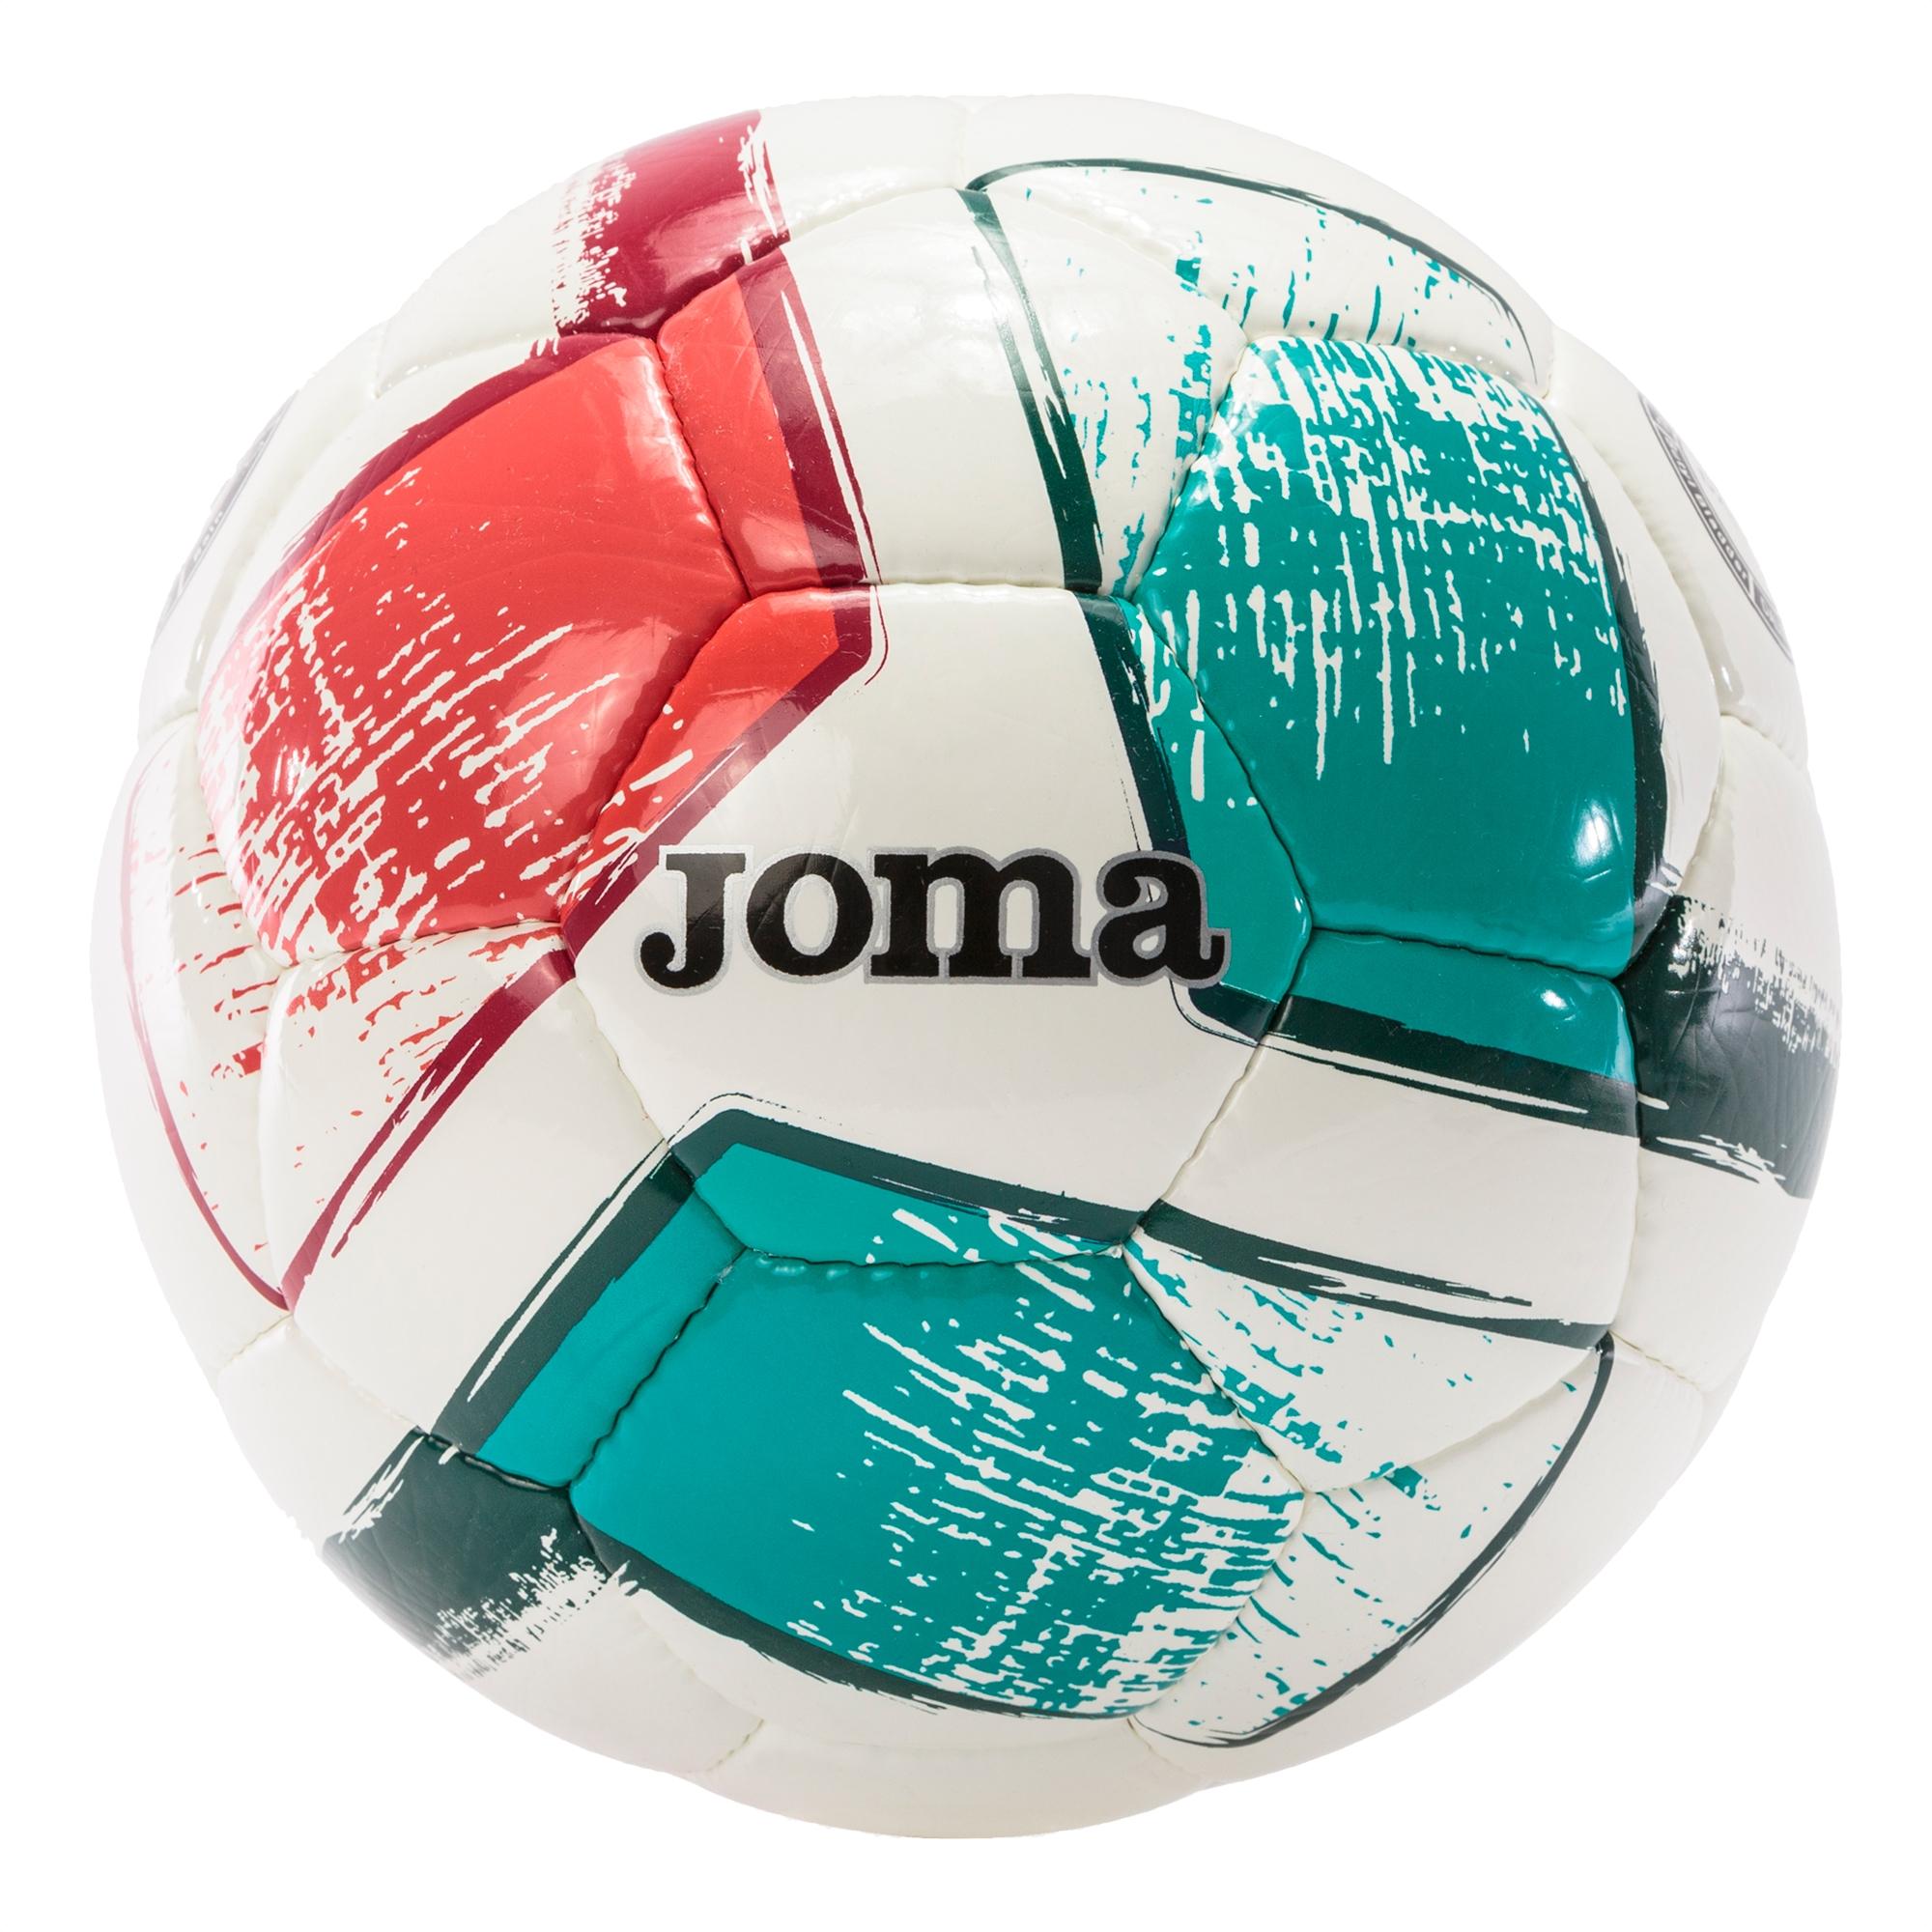 Minge fotbal Joma Dali II